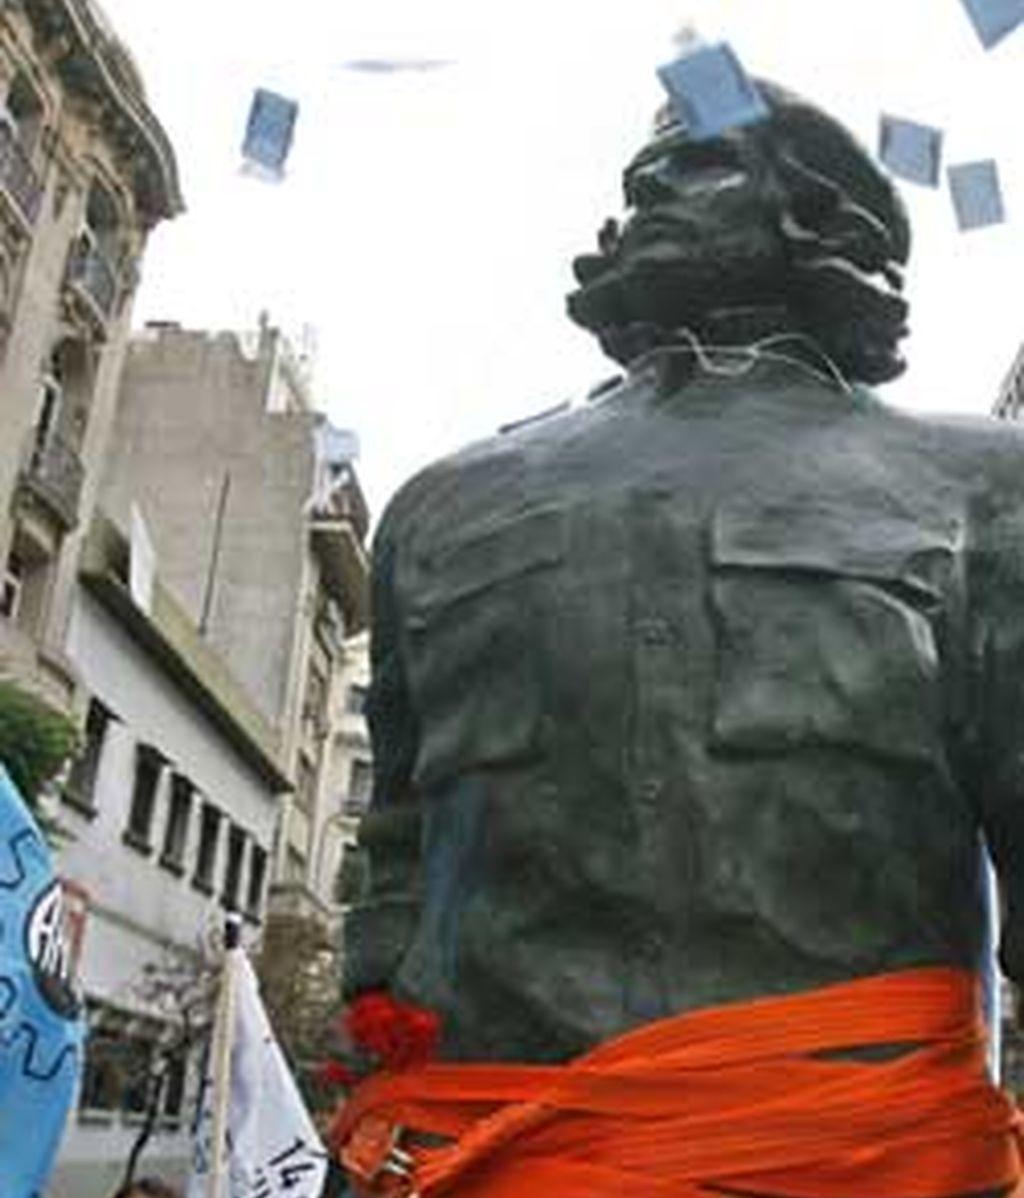 La figura será colocada en El Rosario el 14 de junio con motivo del 80ª aniversario del nacimiento de Guevara. FOTO: EFE